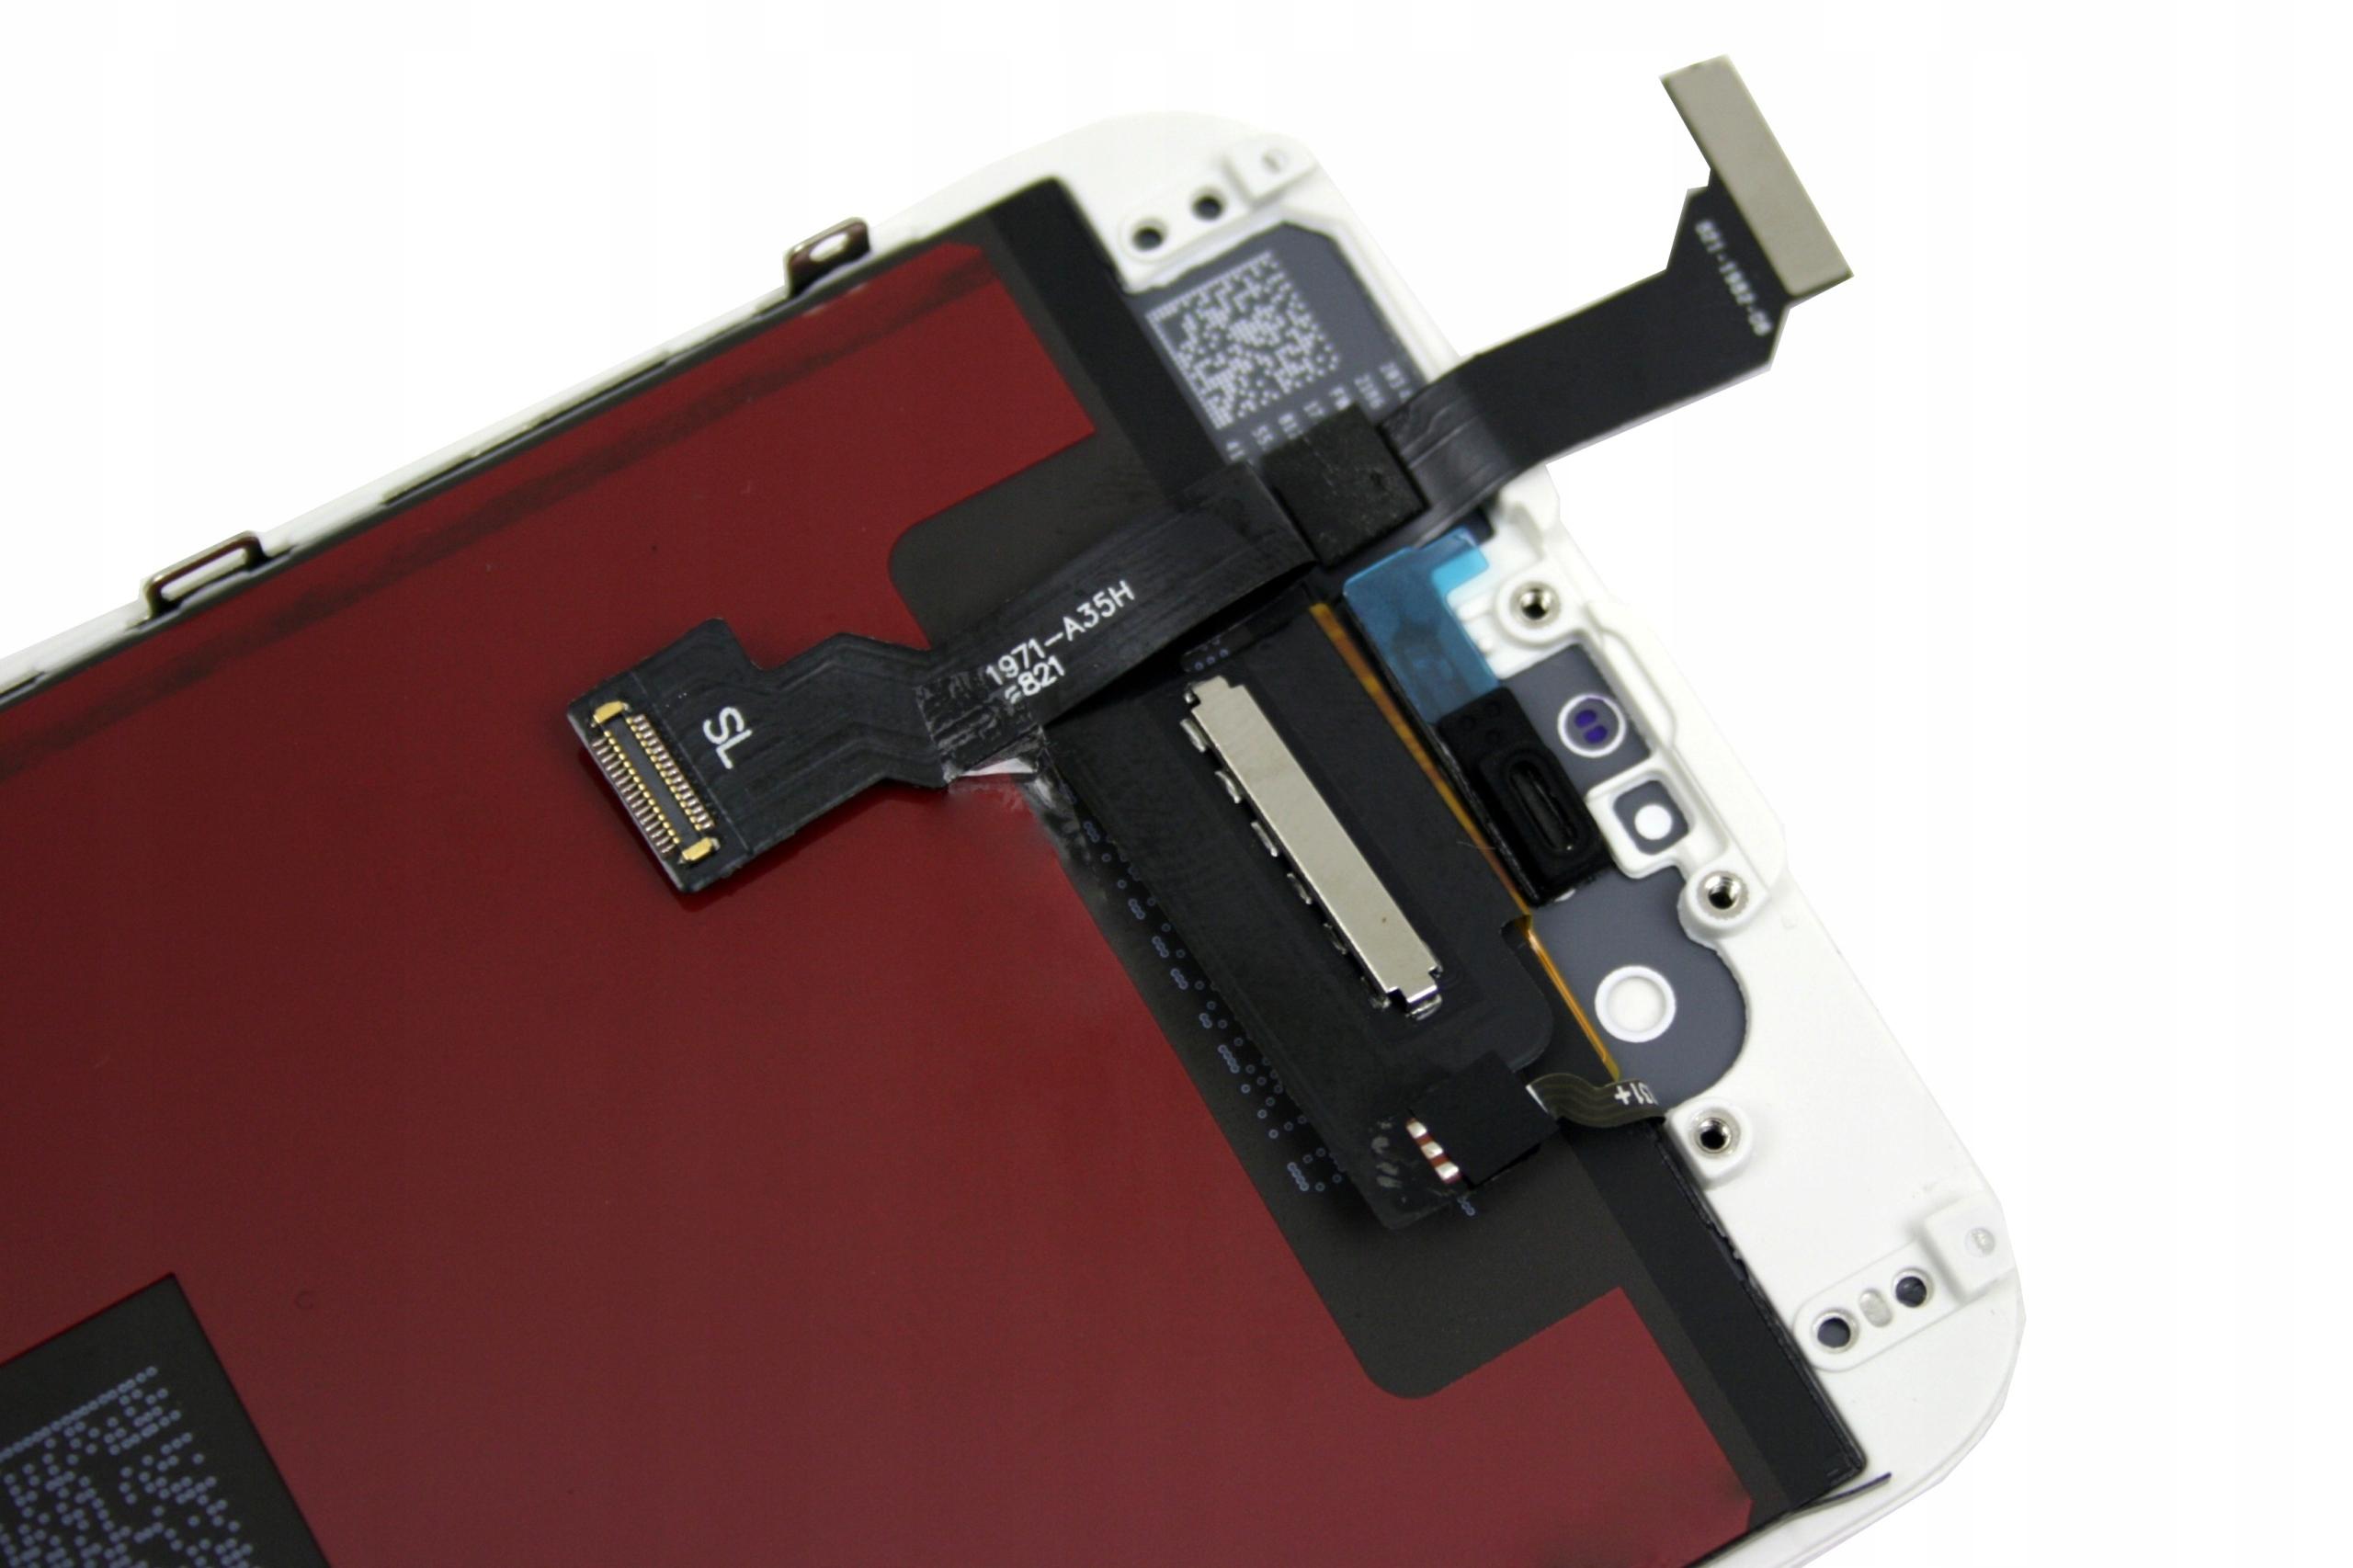 WYŚWIETLACZ Z DIGITIZEREM FULL SET KORPUS RAMKA OBUDOWA APPLE IPHONE 6 - Wyświetlacze z digitizerami do telefonów